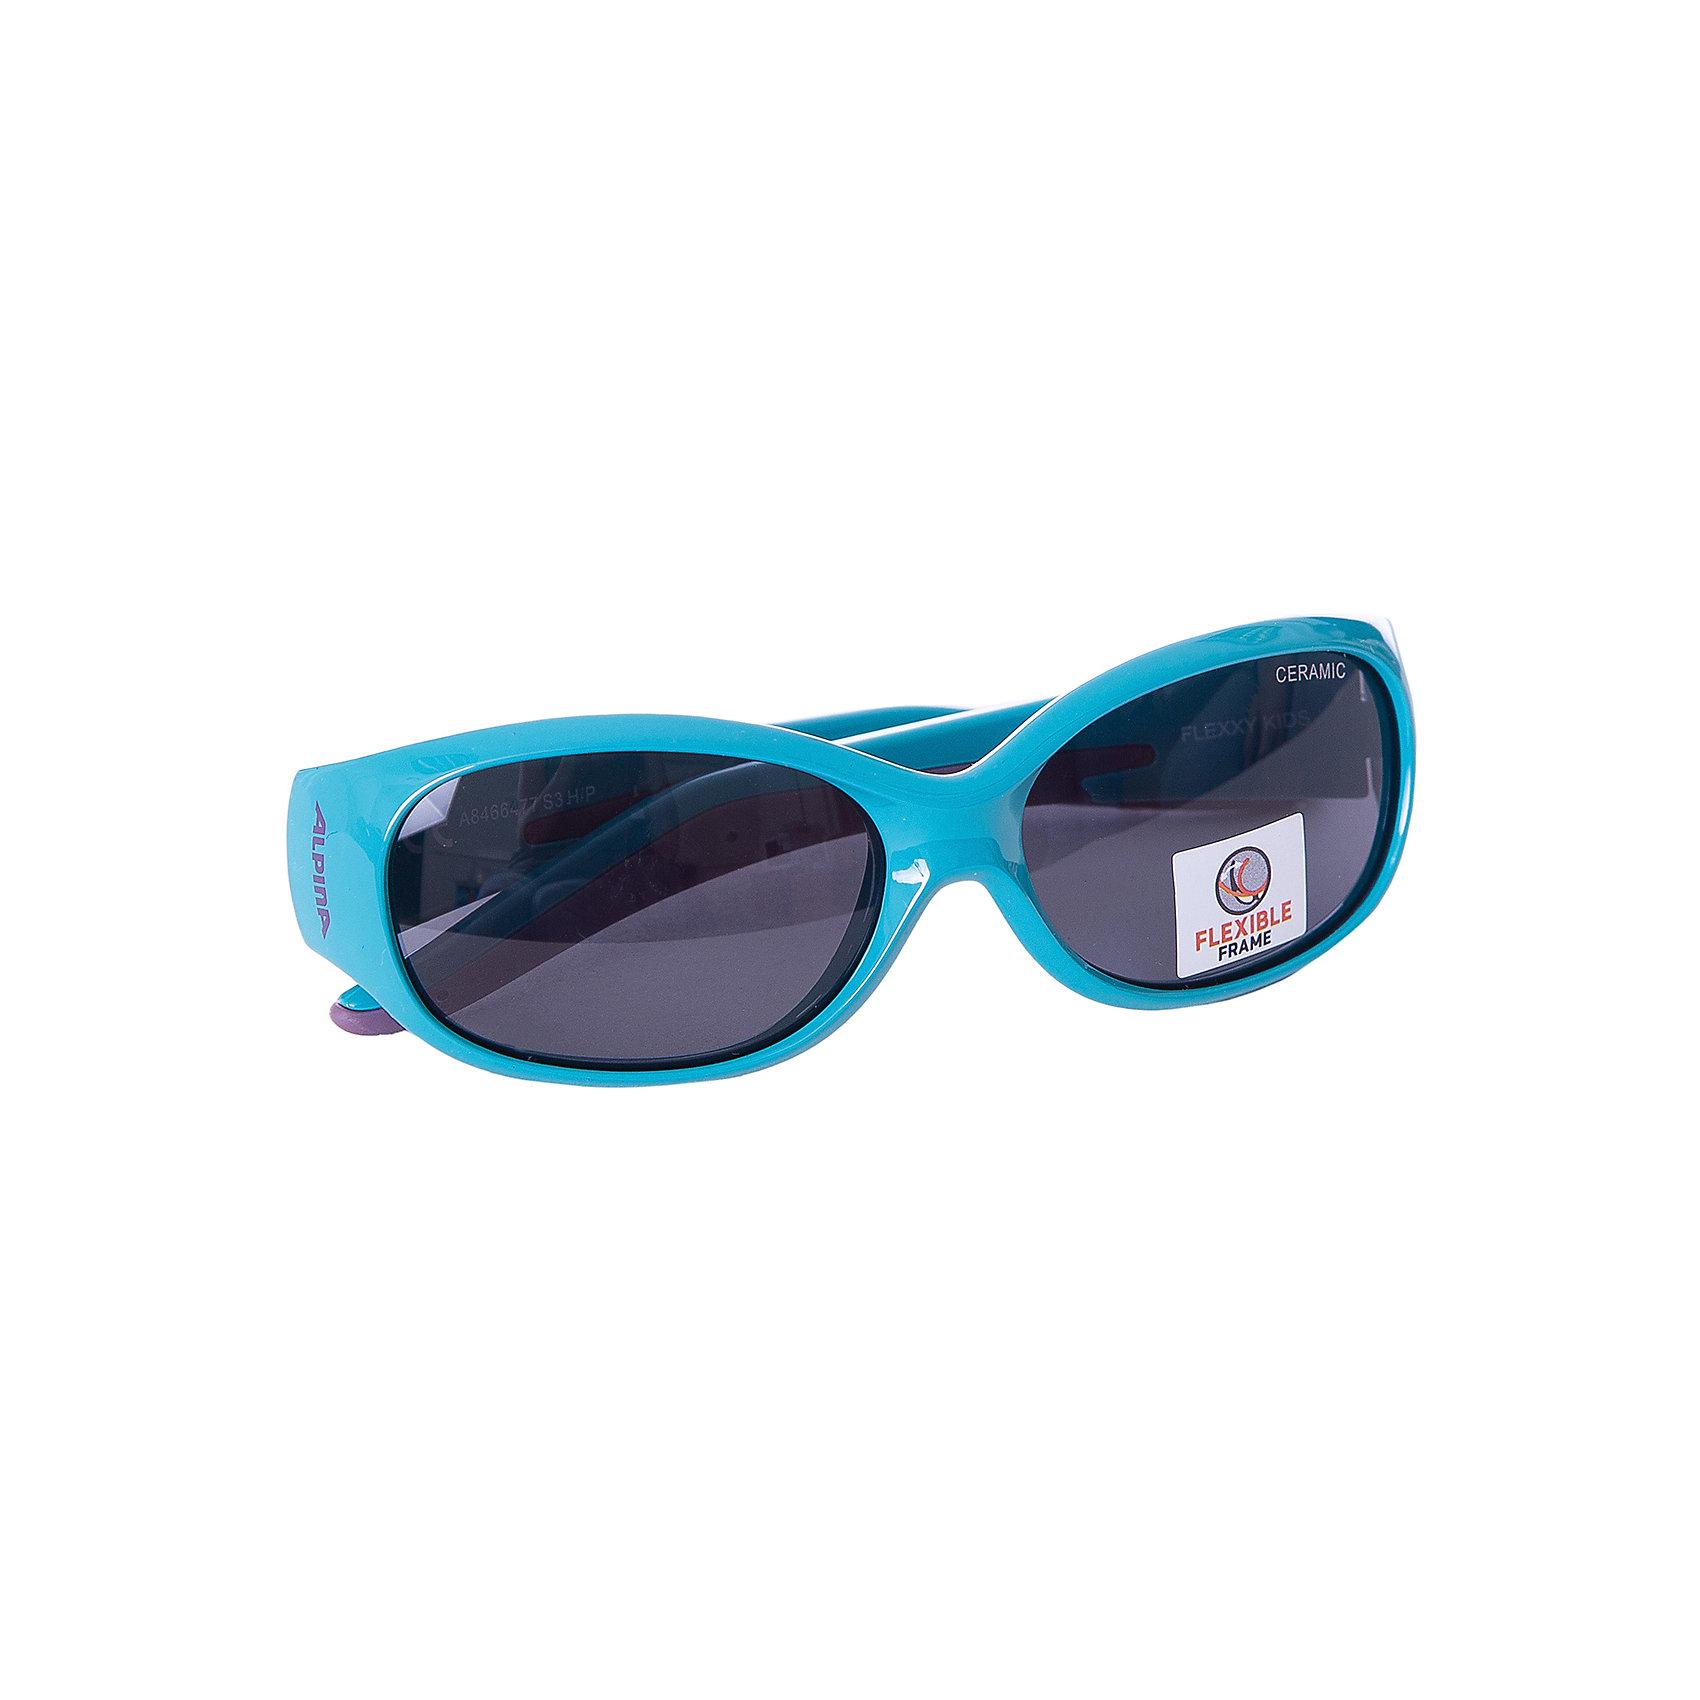 Очки солнцезащитные FLEXXY KIDS, ALPINAСолнцезащитные очки<br>Характеристики:<br><br>• возраст: от 4 лет;<br>• материал: пластик;<br>• размер упаковки: 19х3х3 см;<br>• вес упаковки: 200 гр.;<br>• страна производитель: Китай.<br><br>Очки солнцезащитные Alpina Flexxy Kids защищают глаза от попадания солнечных лучей во время прогулки, отдыха на природе, катания на велосипеде, занятий спортом. Линзы выполнены из прочного материала, устойчивого к разбиванию. Они защищают глаза от всех типов УФ-лучей и не запотевают.<br><br>Очки солнцезащитные Alpina Flexxy Kids можно приобрести в нашем интернет-магазине.<br><br>Ширина мм: 133<br>Глубина мм: 85<br>Высота мм: 40<br>Вес г: 37<br>Цвет: бирюзовый<br>Возраст от месяцев: 24<br>Возраст до месяцев: 60<br>Пол: Женский<br>Возраст: Детский<br>SKU: 5225746